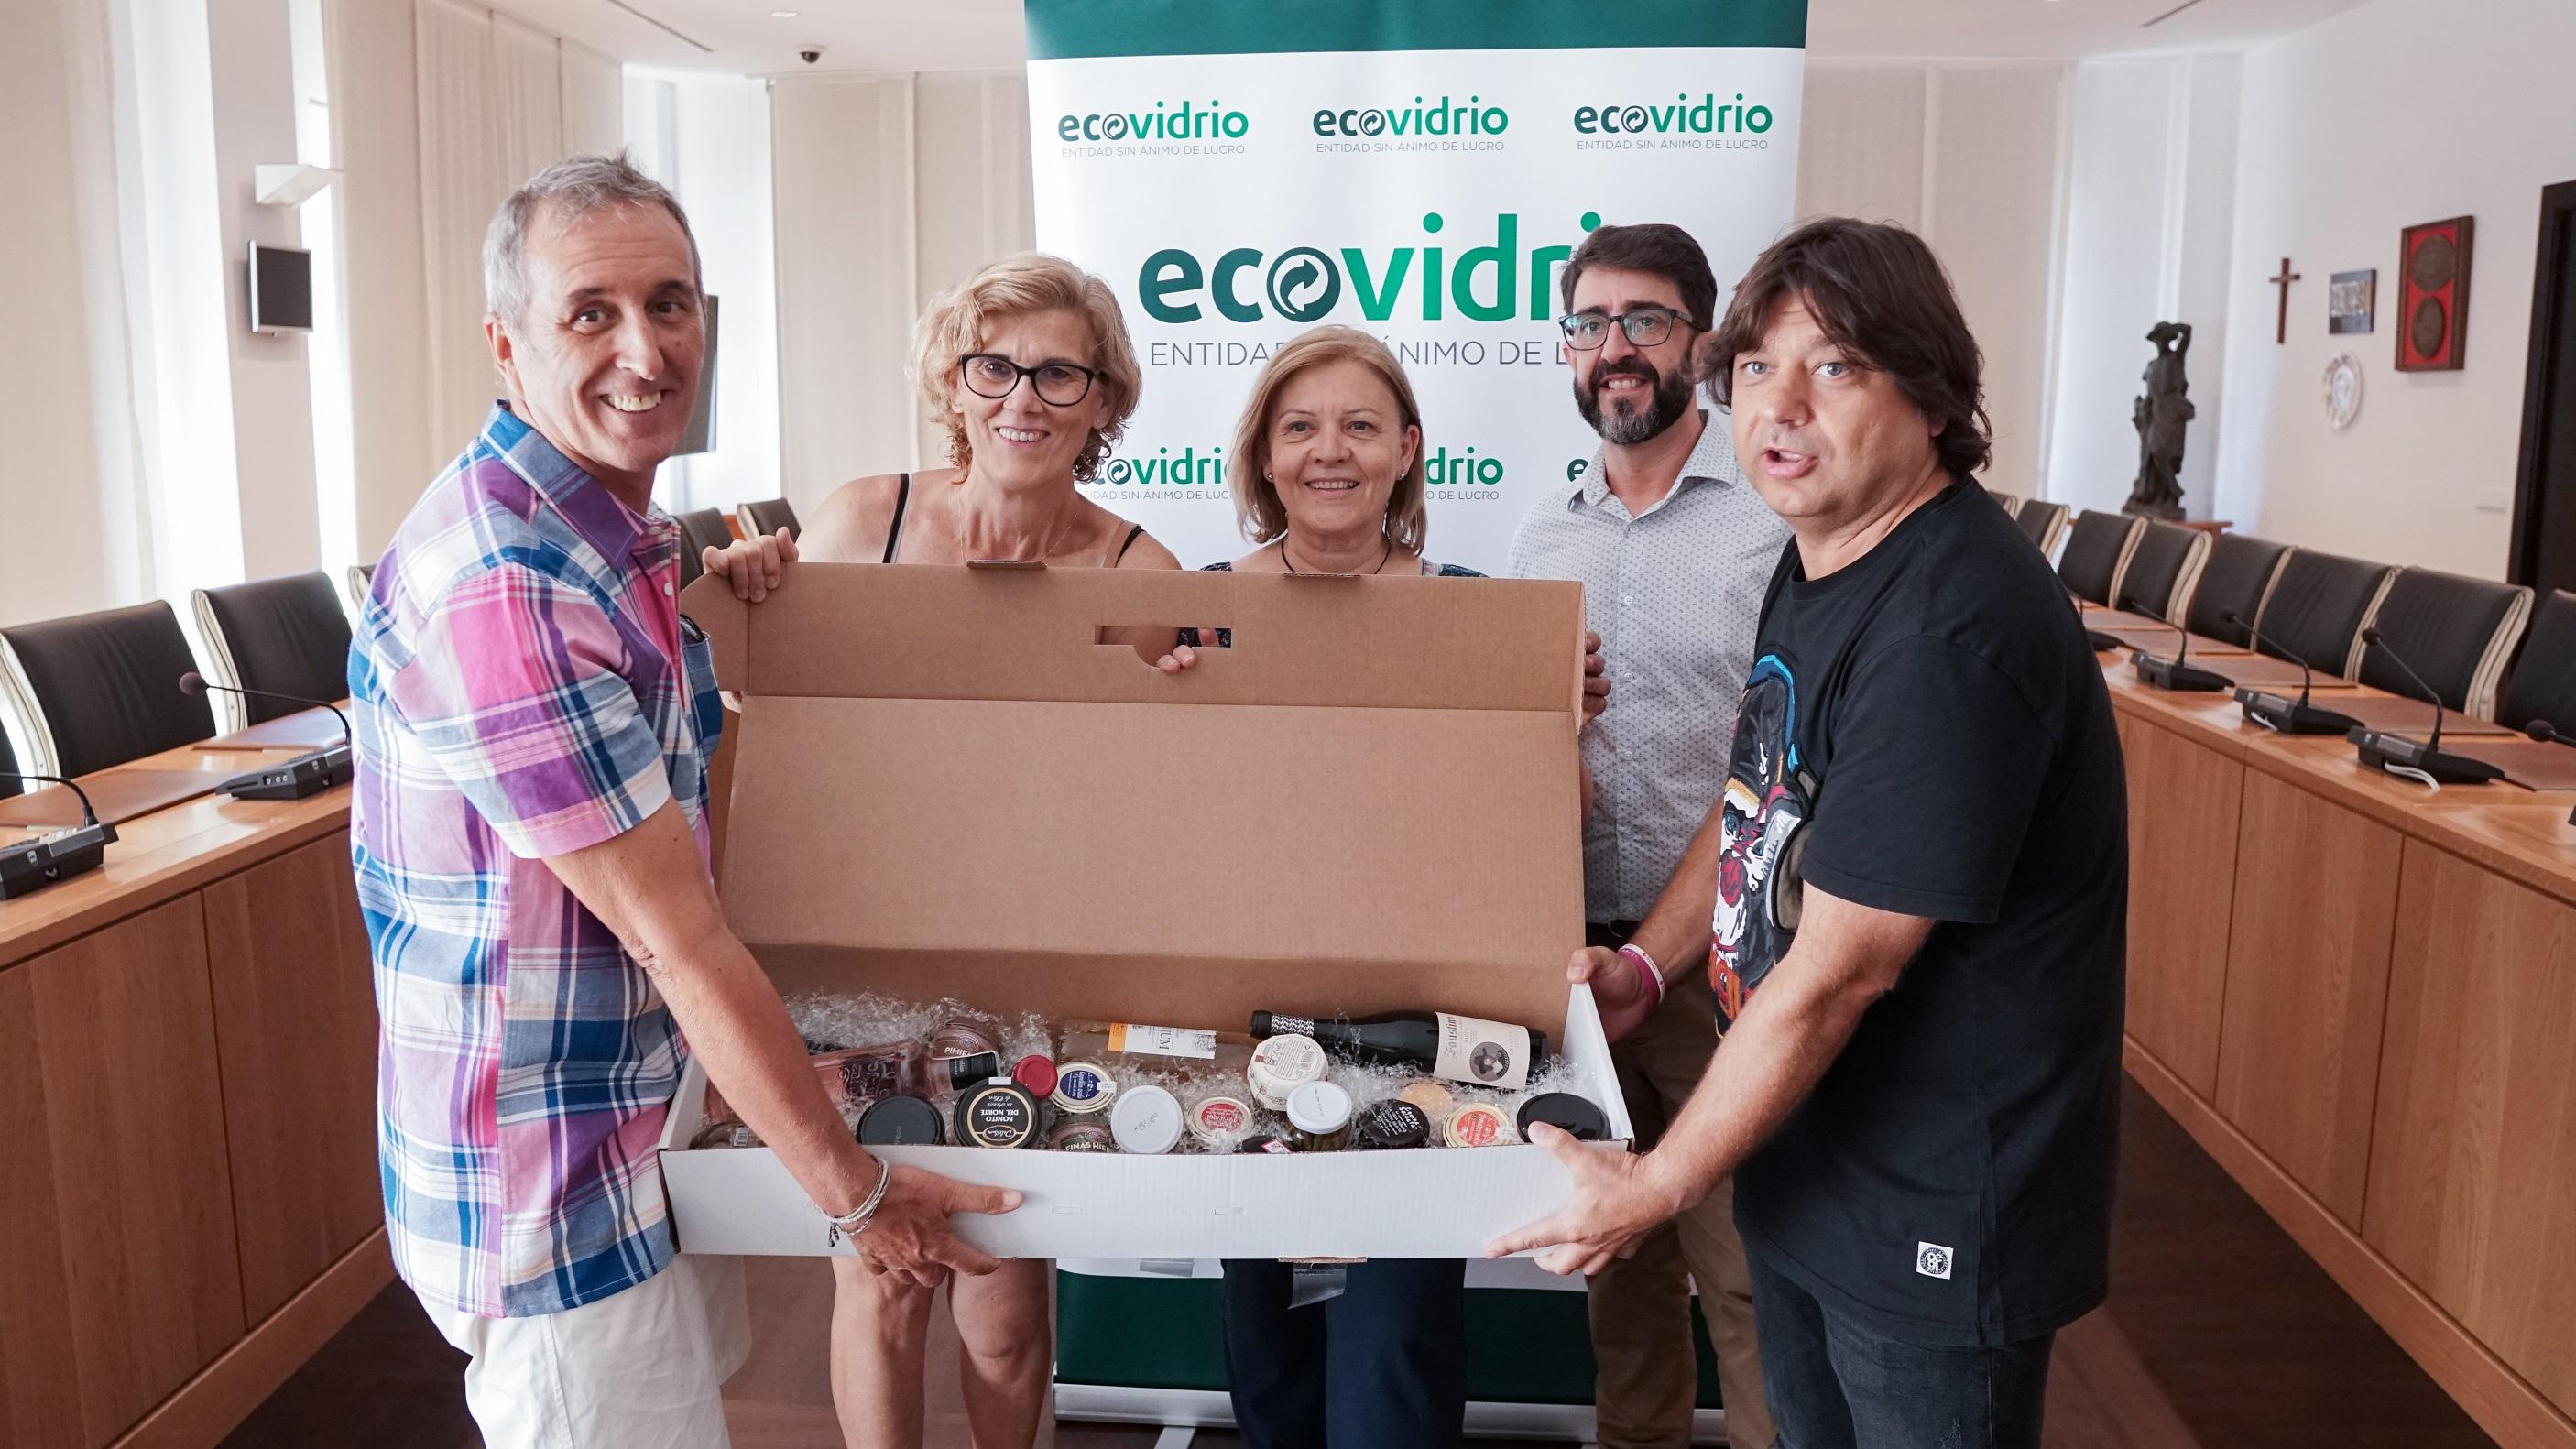 Las peñas de Vila-real reciclan 6.123 envases de vidrio